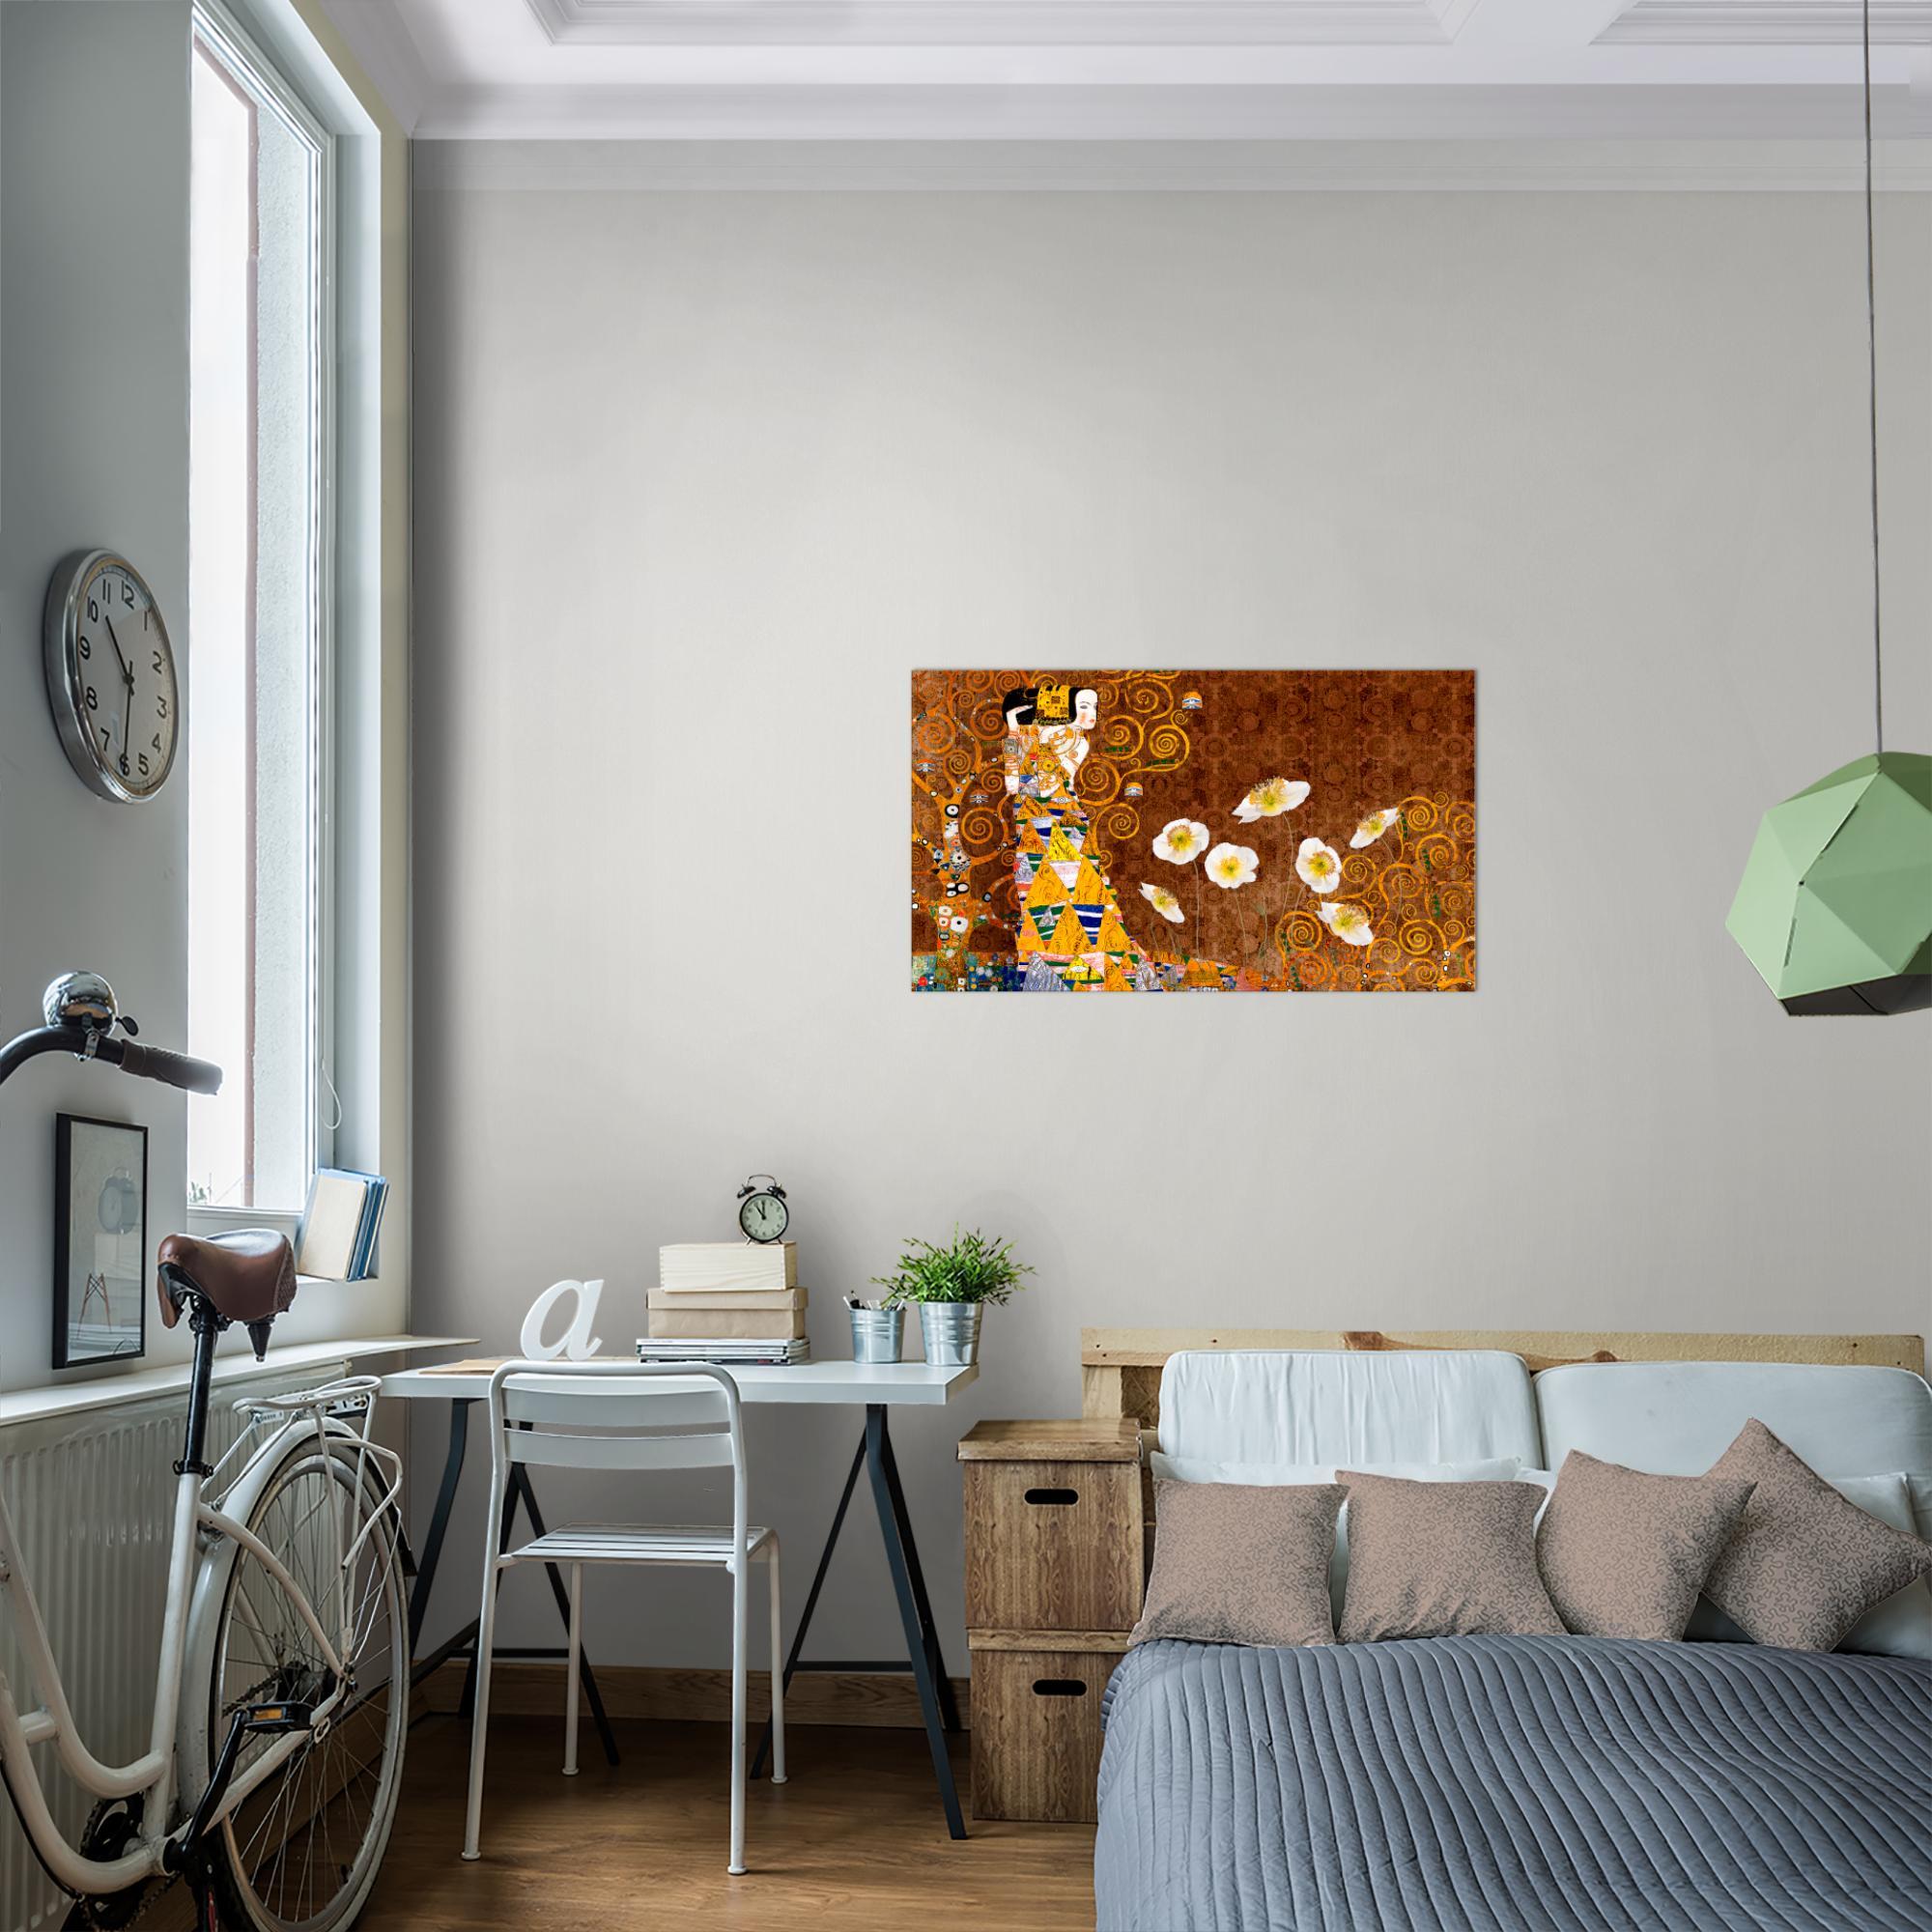 gustav klimt bild kunstdruck auf vlies leinwand xxl dekoration 021414p. Black Bedroom Furniture Sets. Home Design Ideas